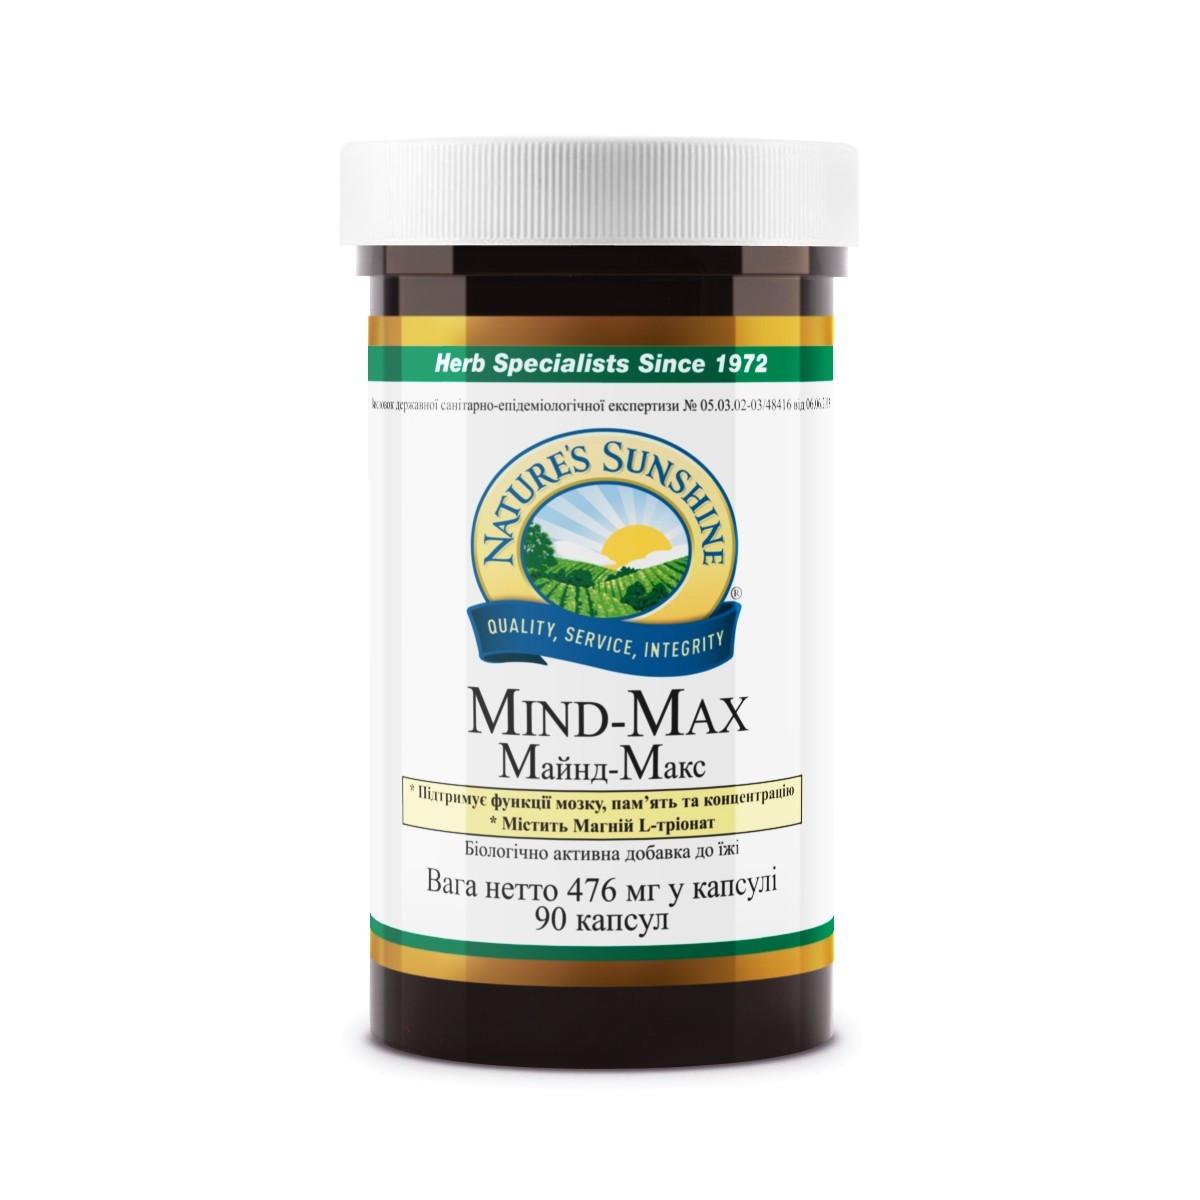 МАЙНД-МАКС бад НСП лечение сосудов головы, при атеросклерозе, улучшение когнитивных способностей.